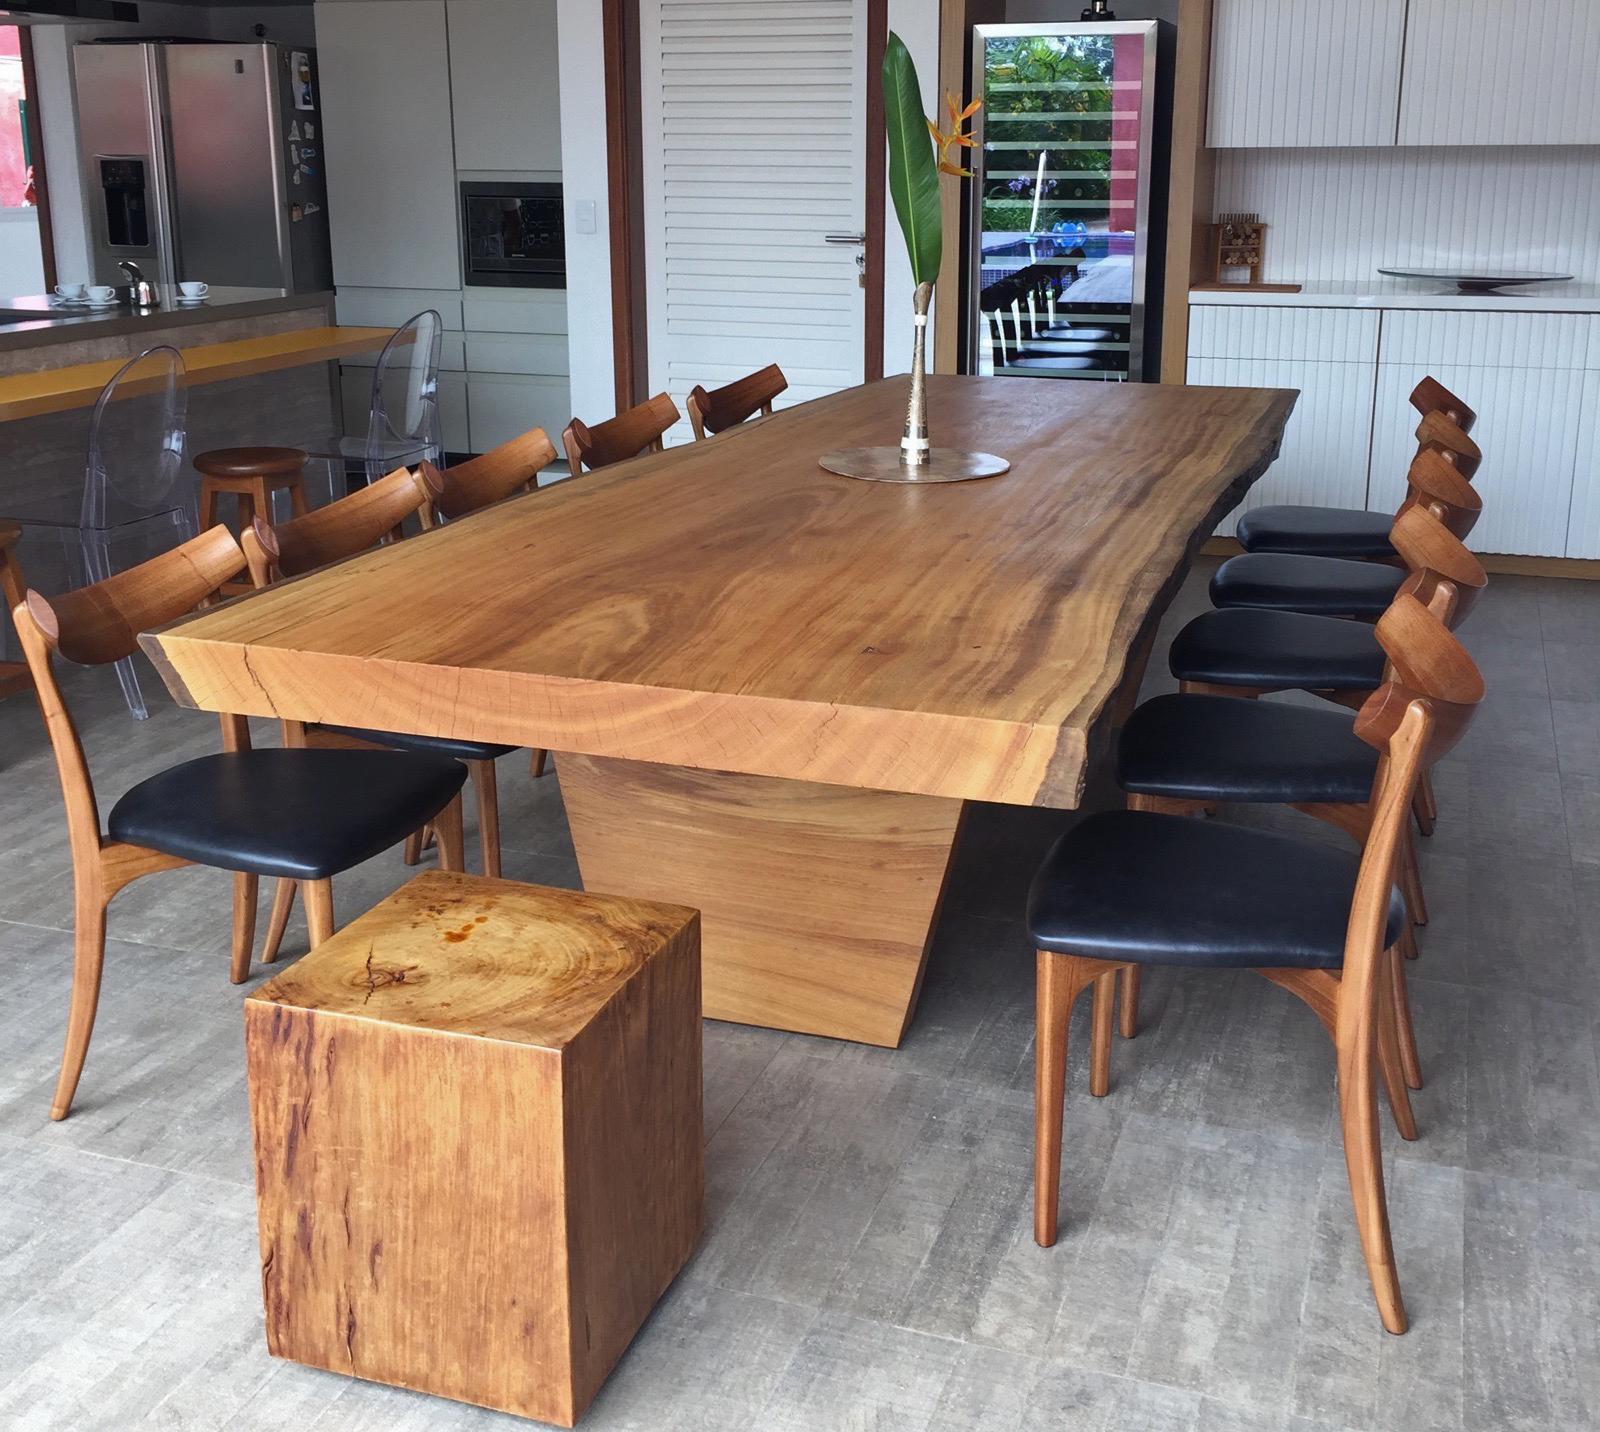 Mesadejantar mesadejantarrustica mesademadeira madeira for Em muebles